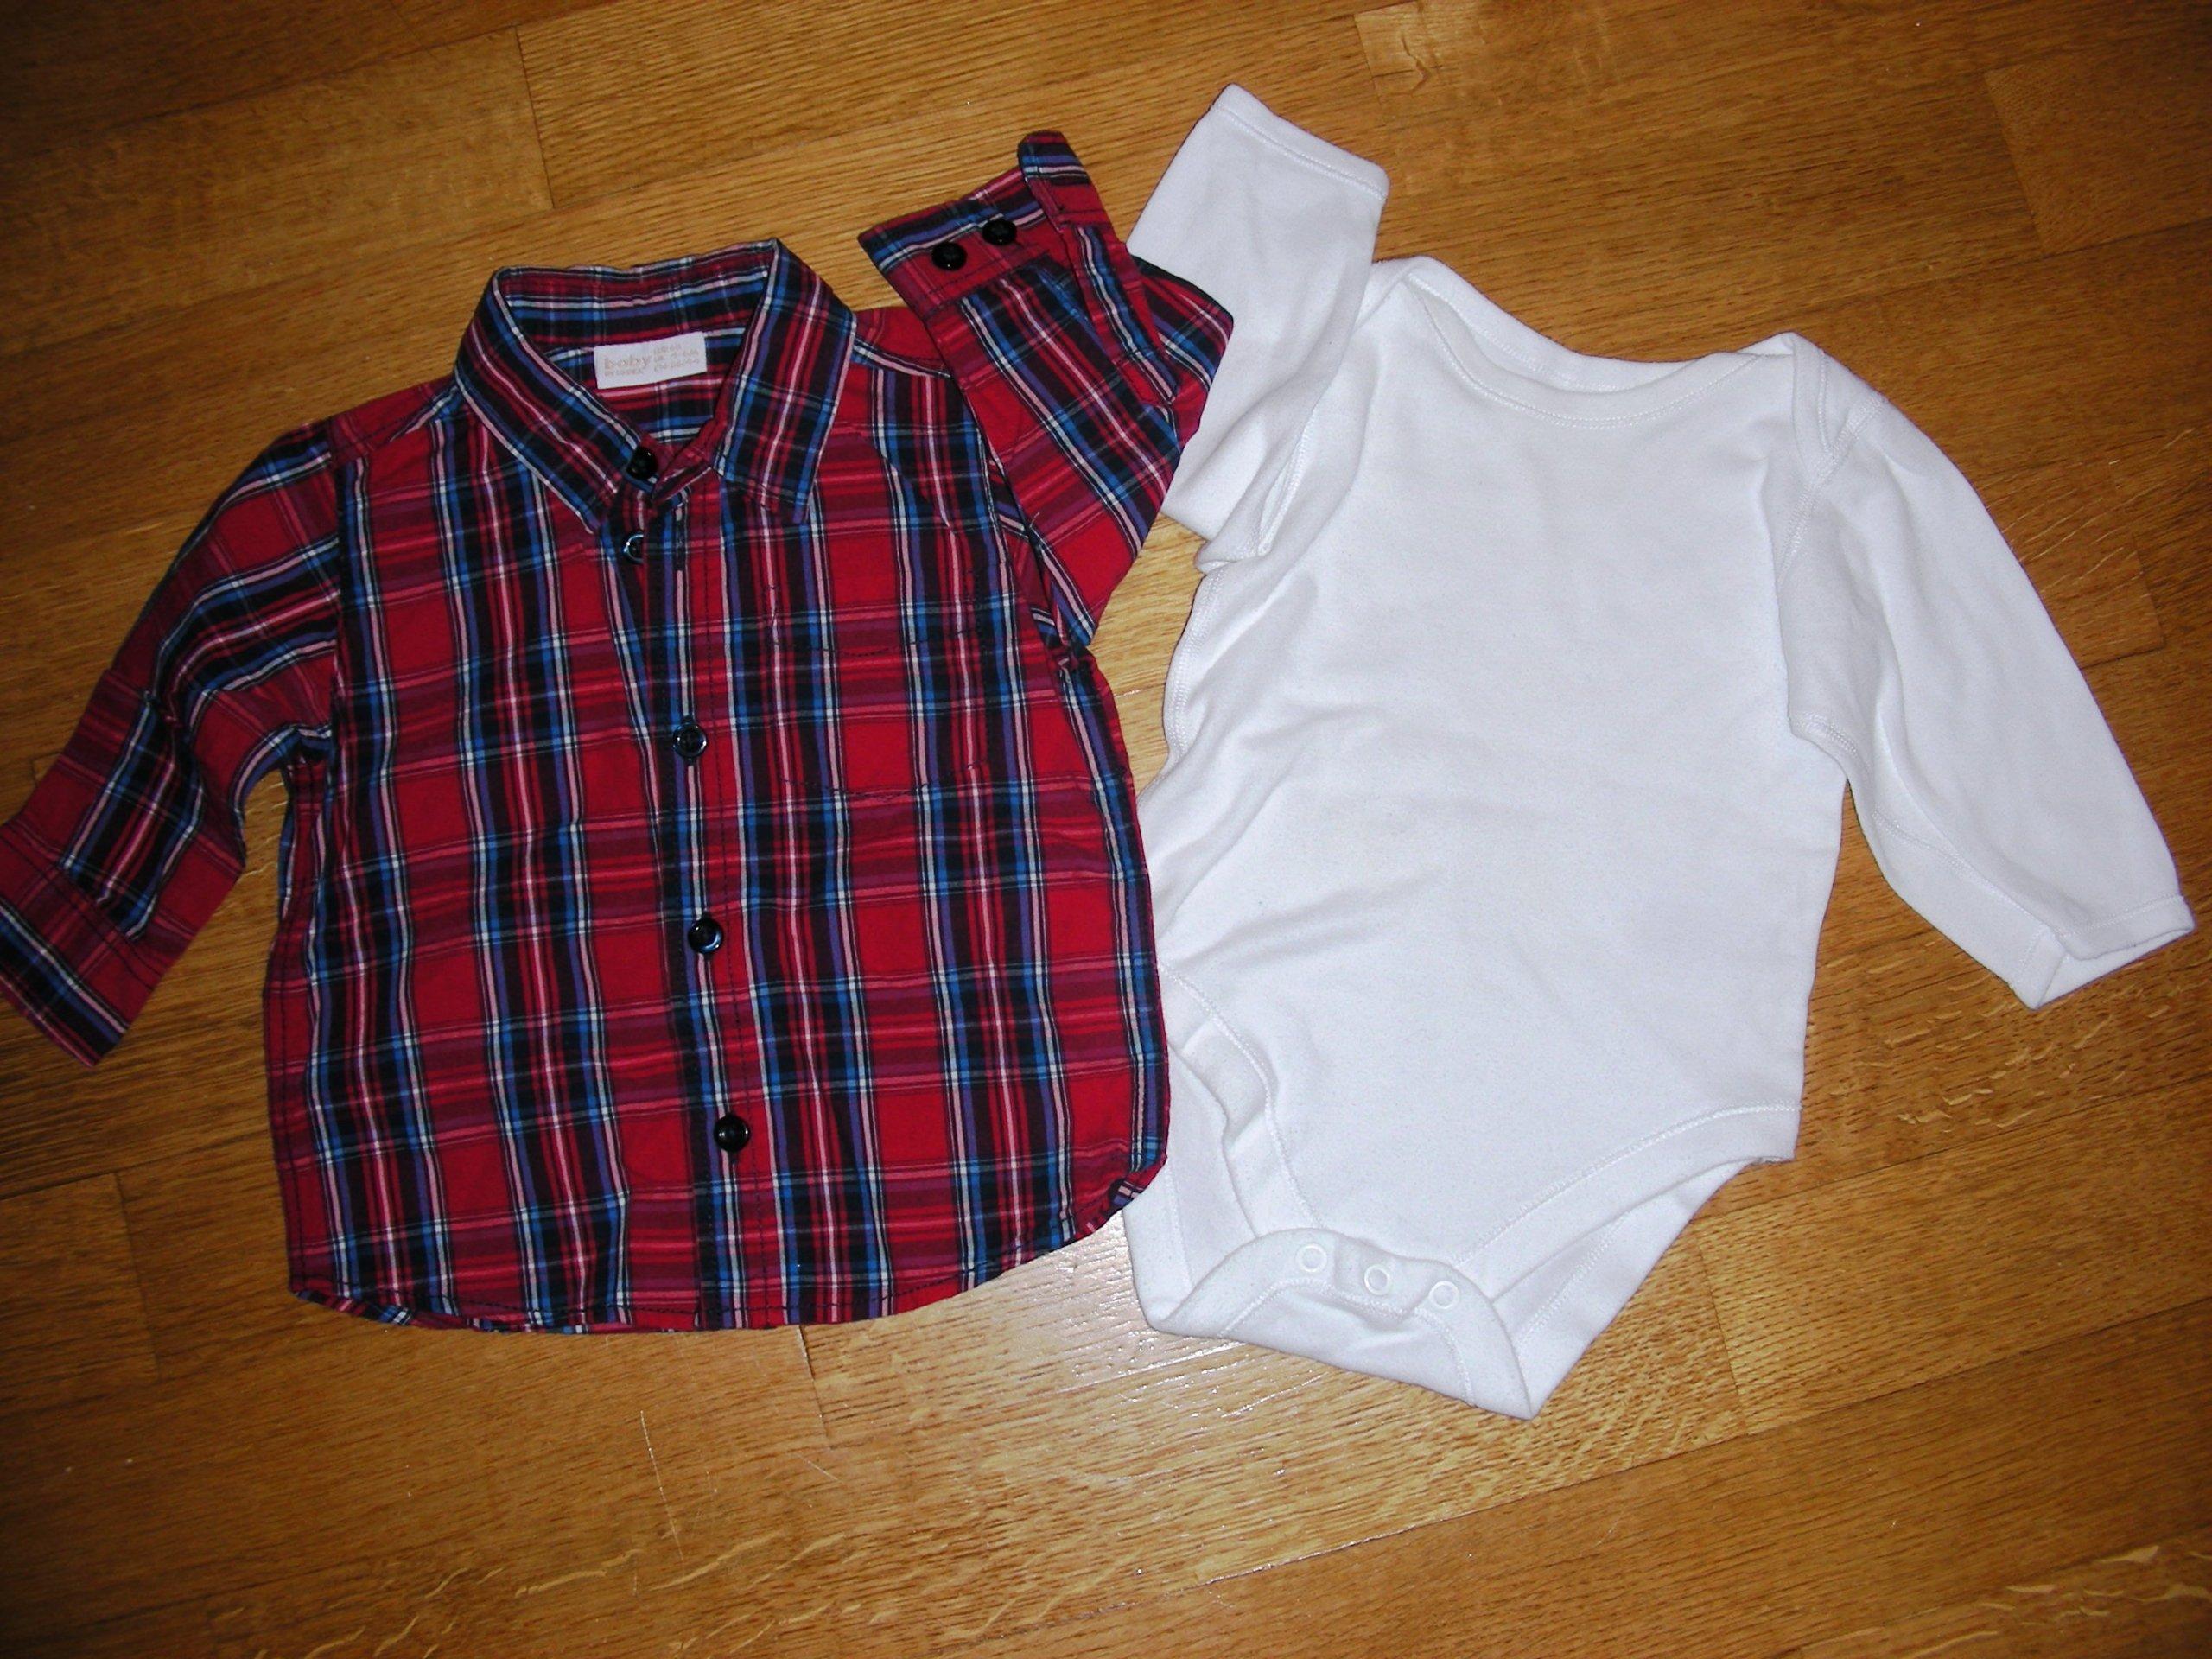 ba6ca579a1747e Elegancka Koszula na święta + Body rozm 68 - 7081902325 - oficjalne ...